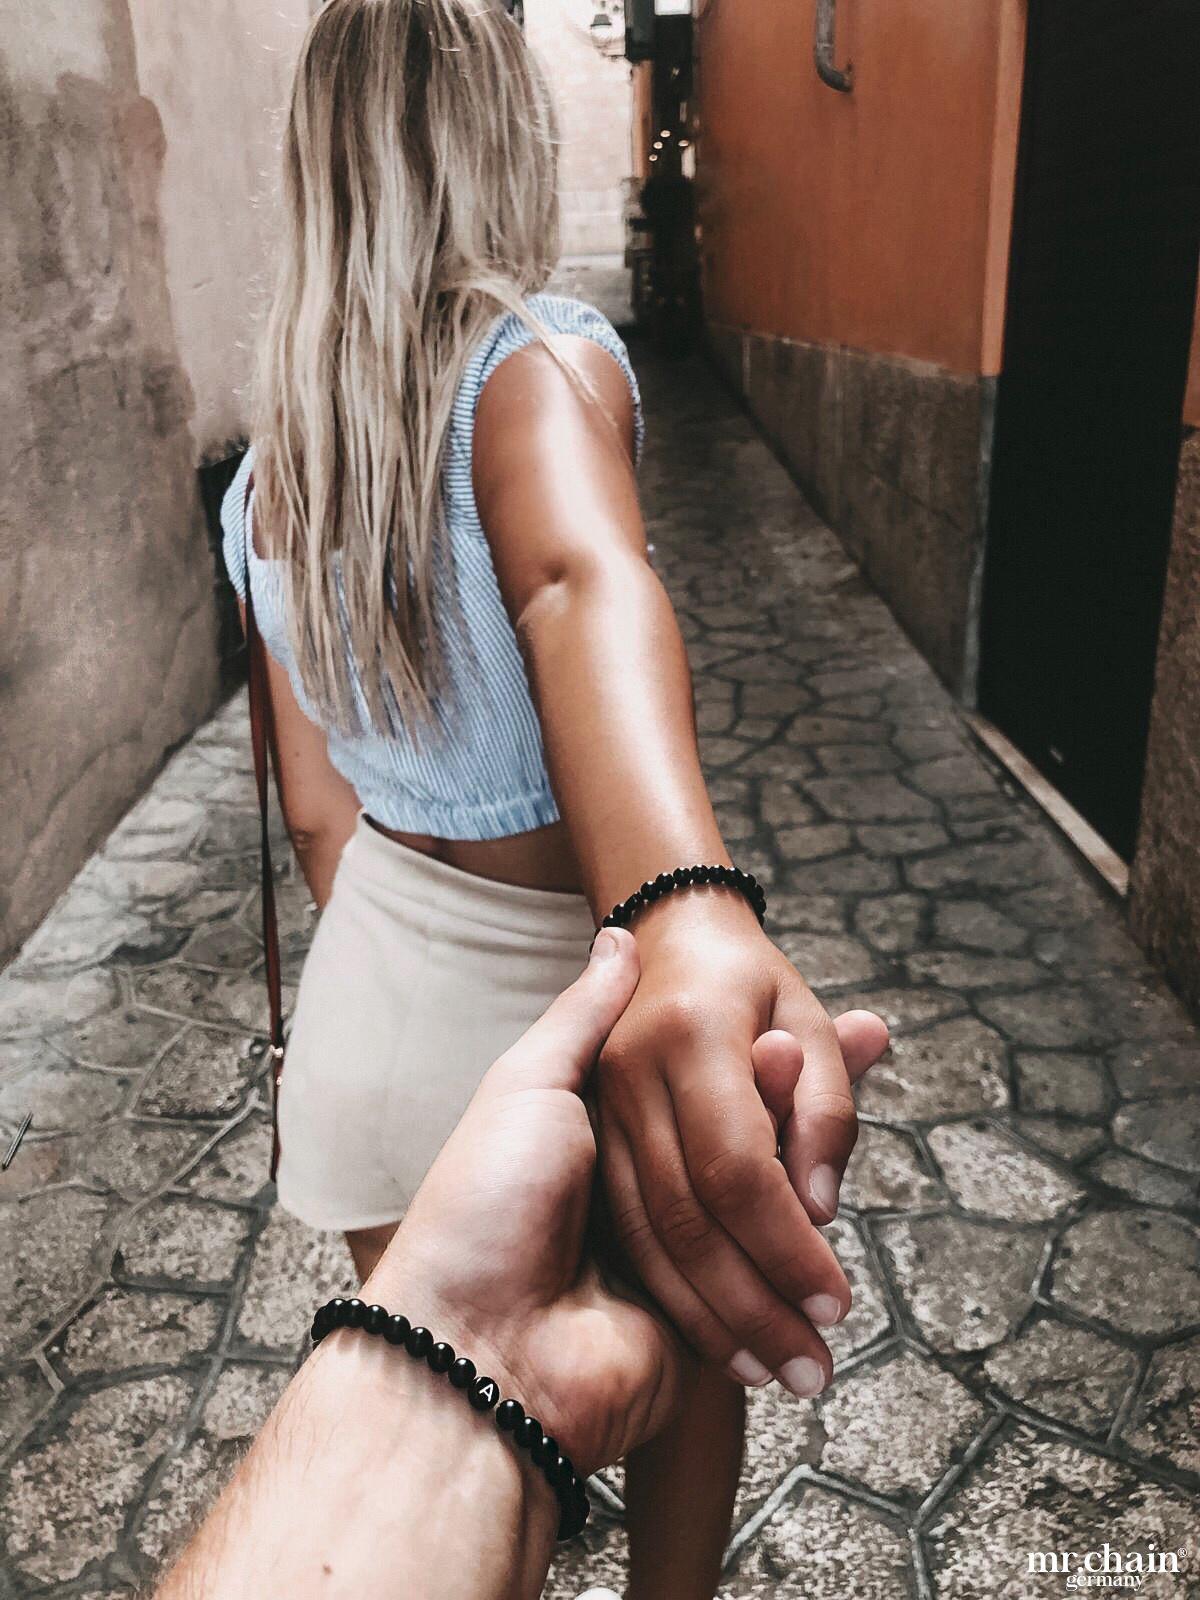 Ich wünschte, unsere Freundschaft hätte ein paar Jahre statt Sekundenbruchteilen gedauert. solita_forevxr